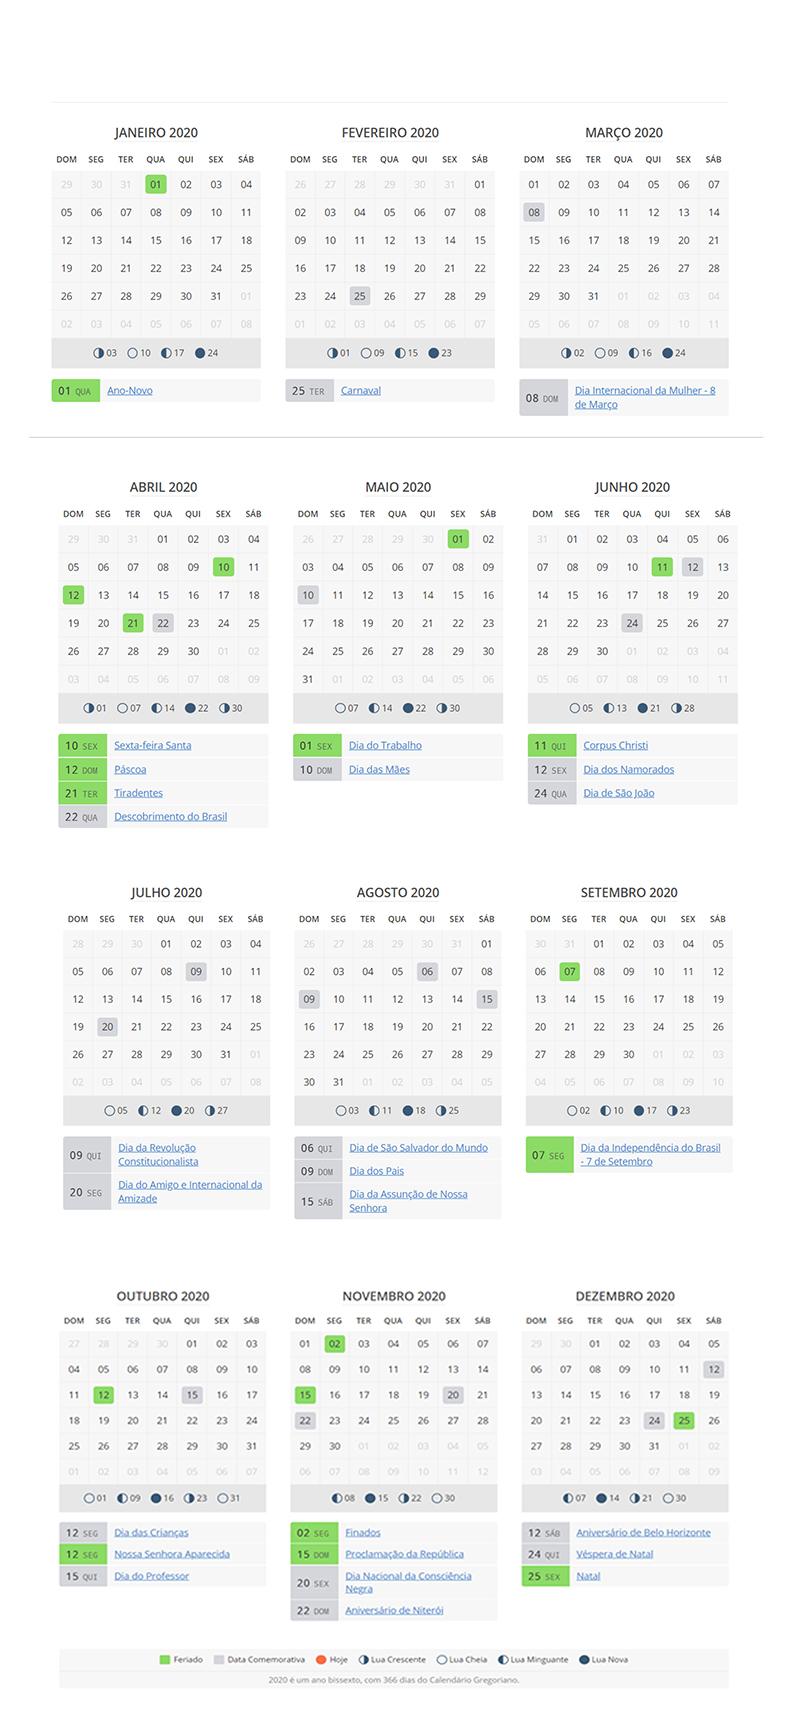 Calendario 2020 Semanas.Propagcom Bi Semanas